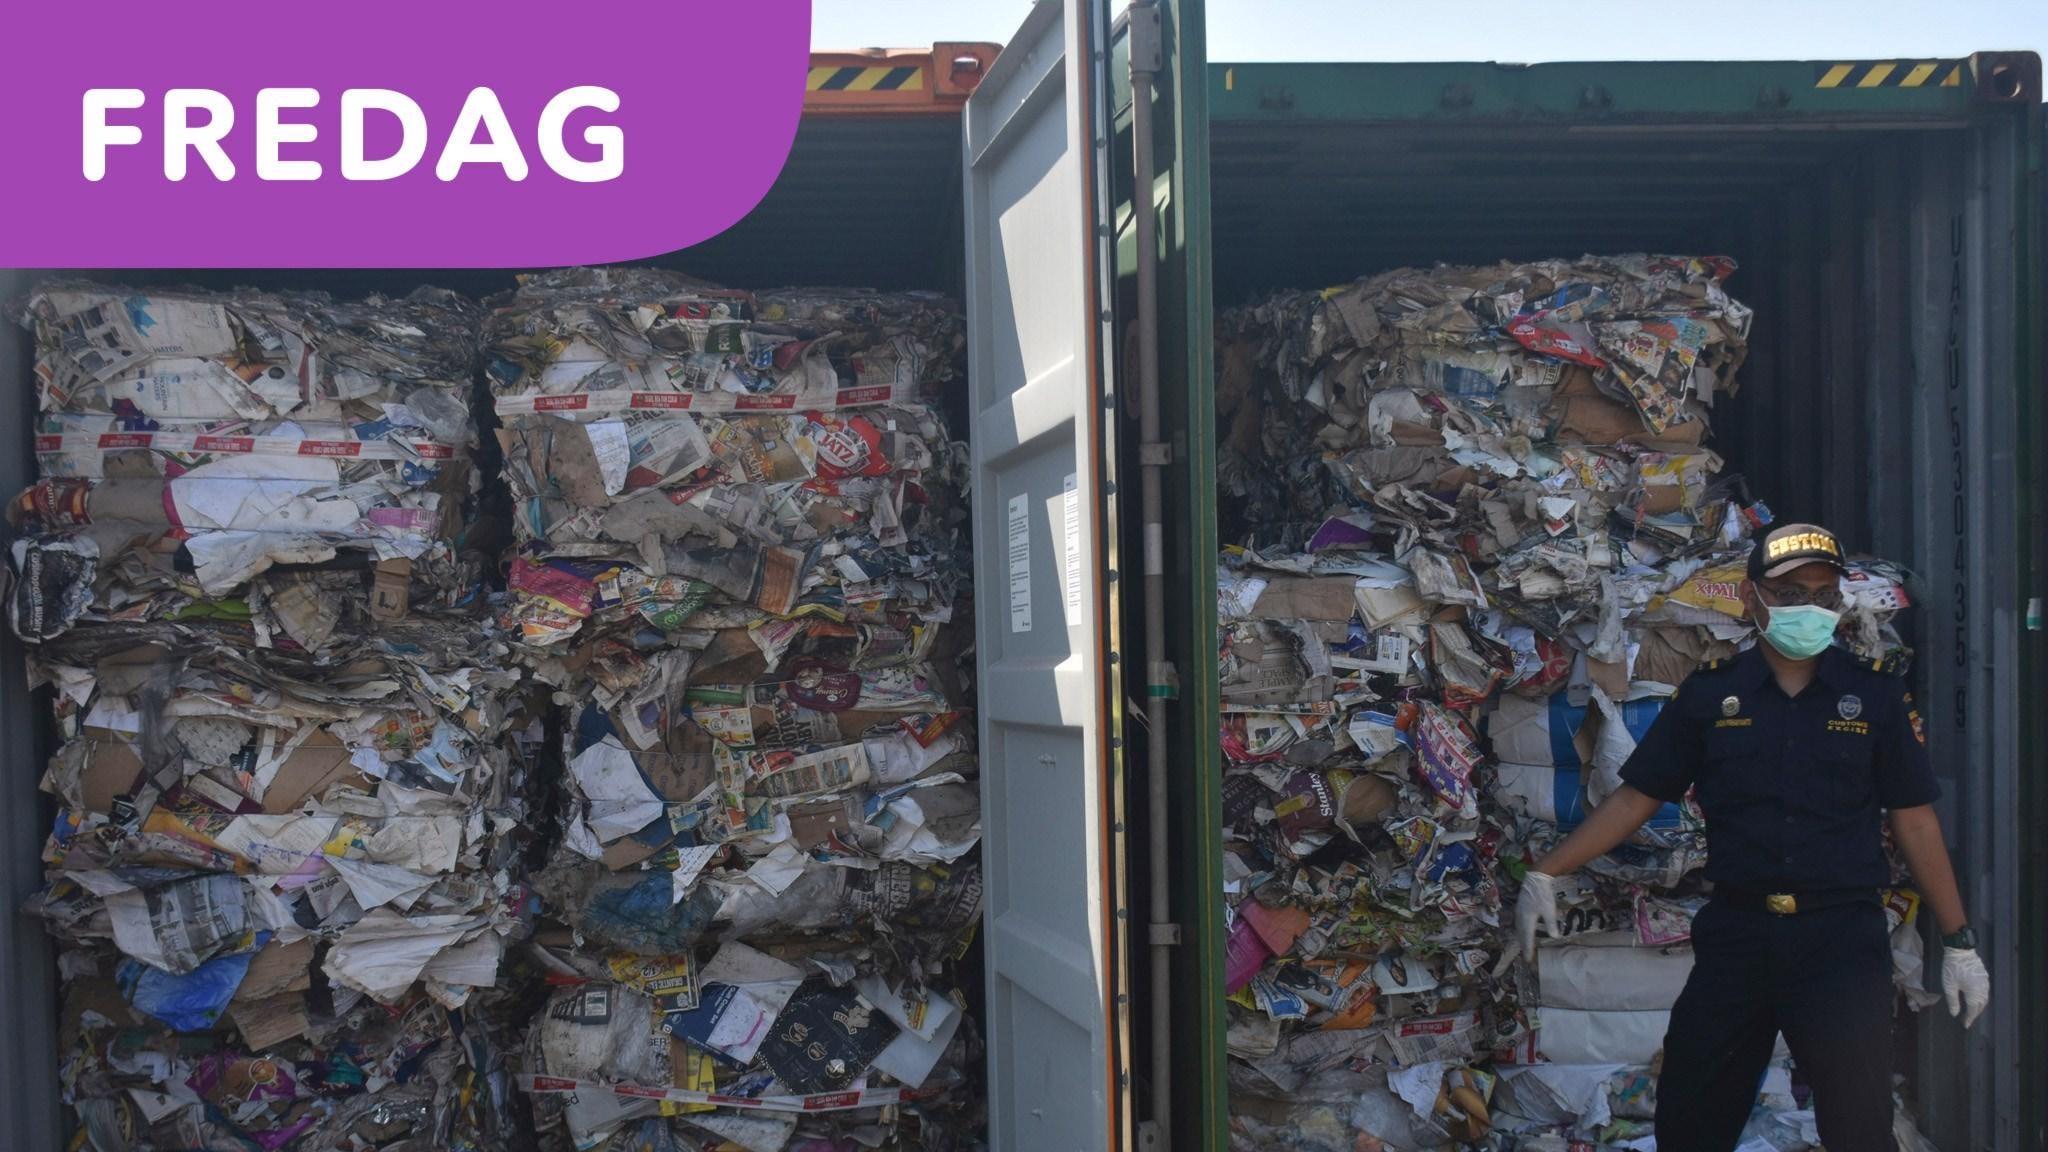 Bussigt sätt att öka återvinningen